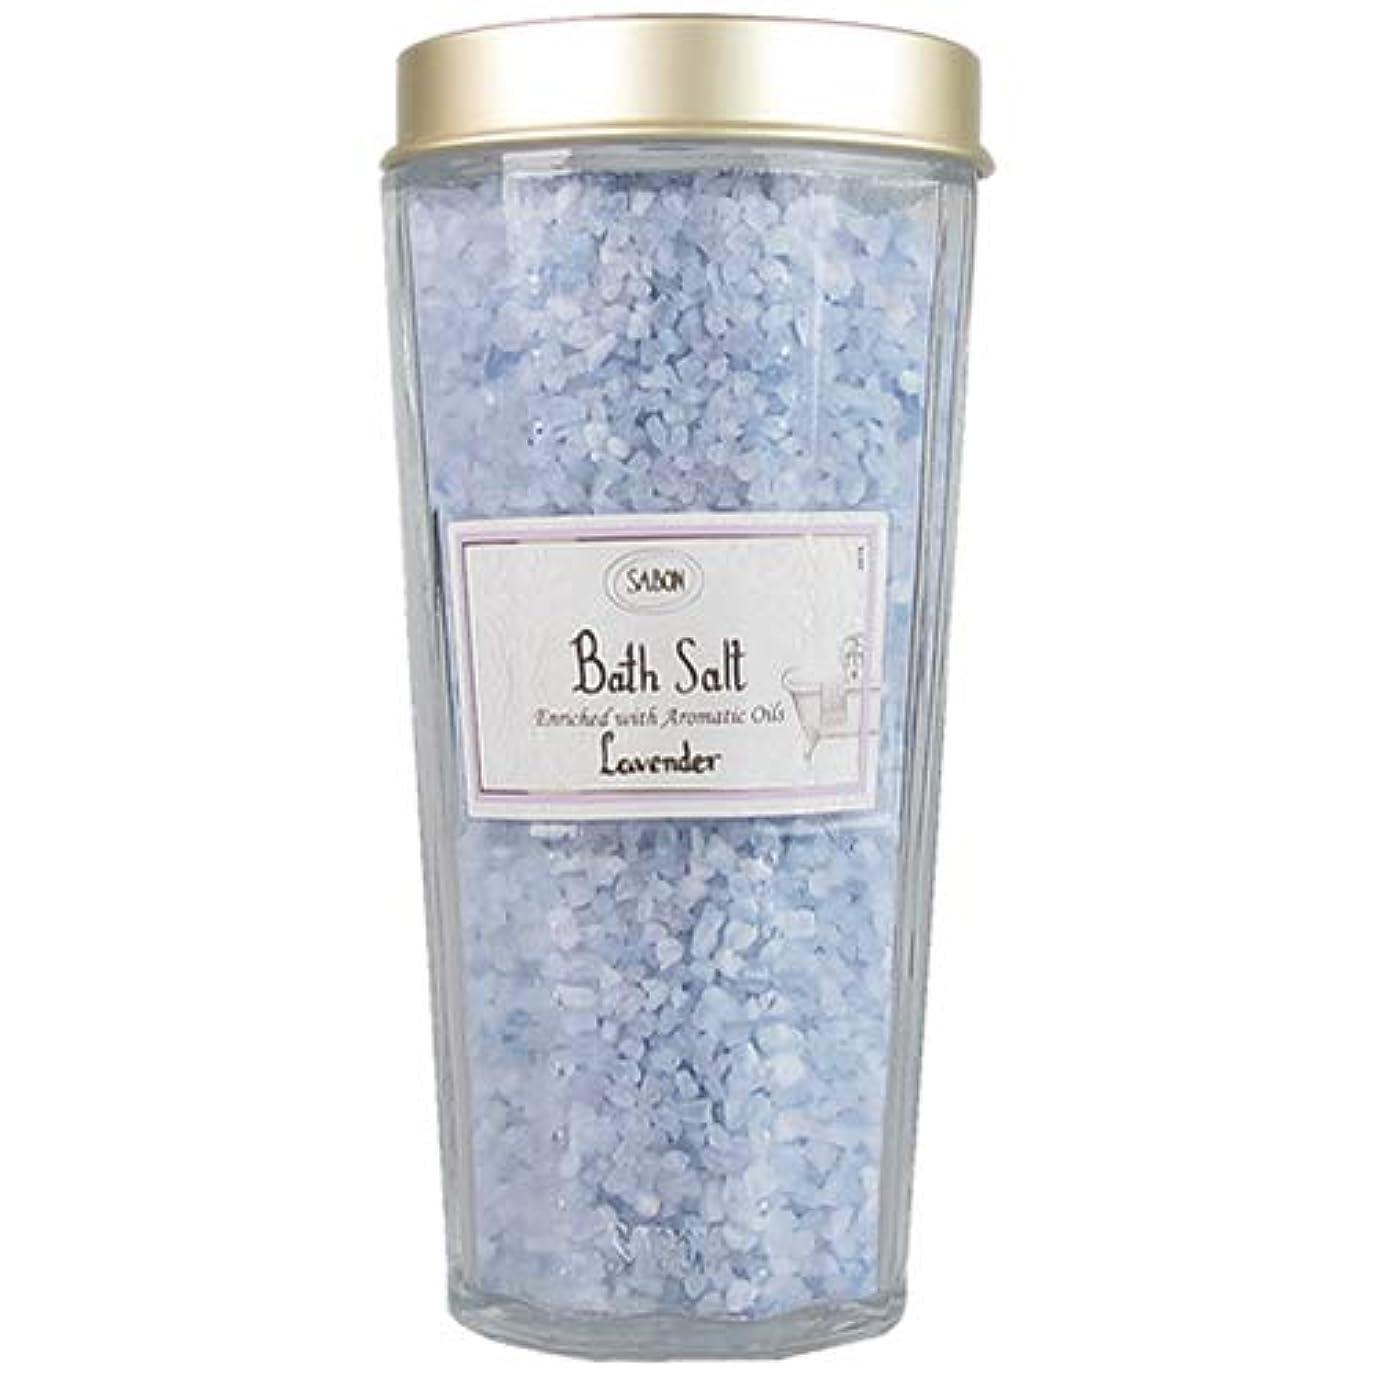 サボン バスソルト ラベンダー 350g SABON [入浴剤] Bath Salt [並行輸入品]